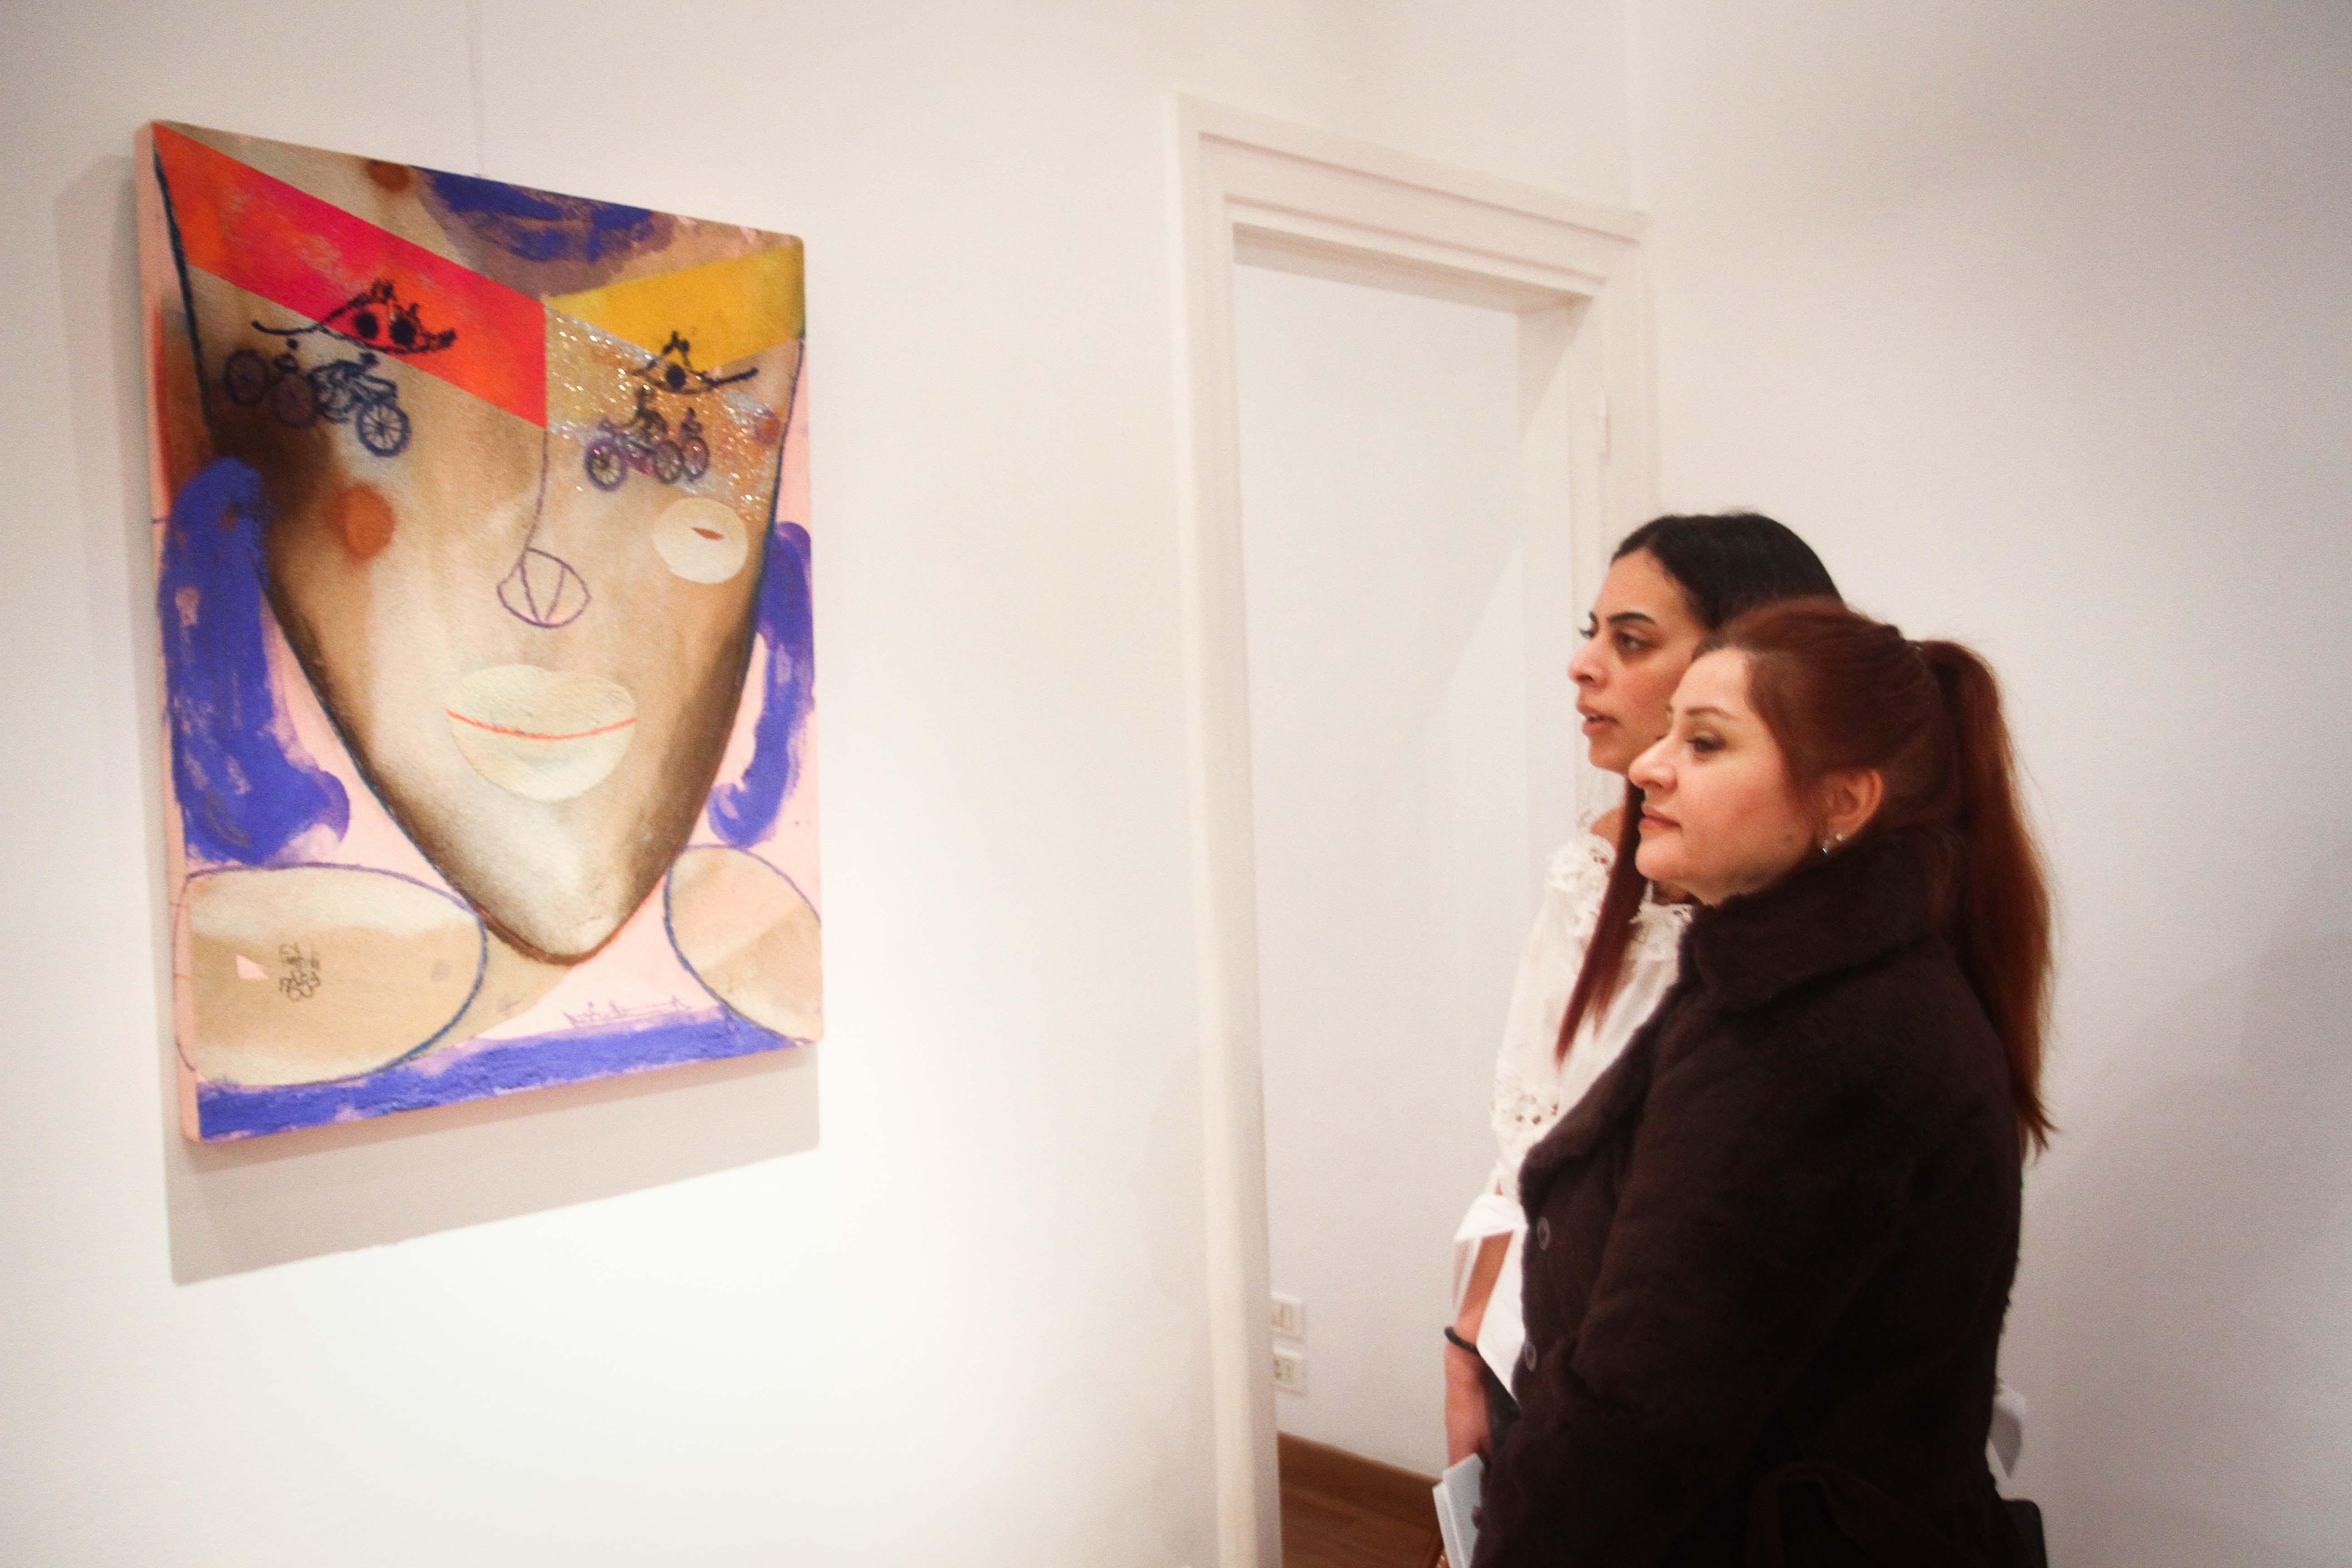 معرض مصر ستعاود العطاء للفنان فرغى عبد الحفيظ (17)